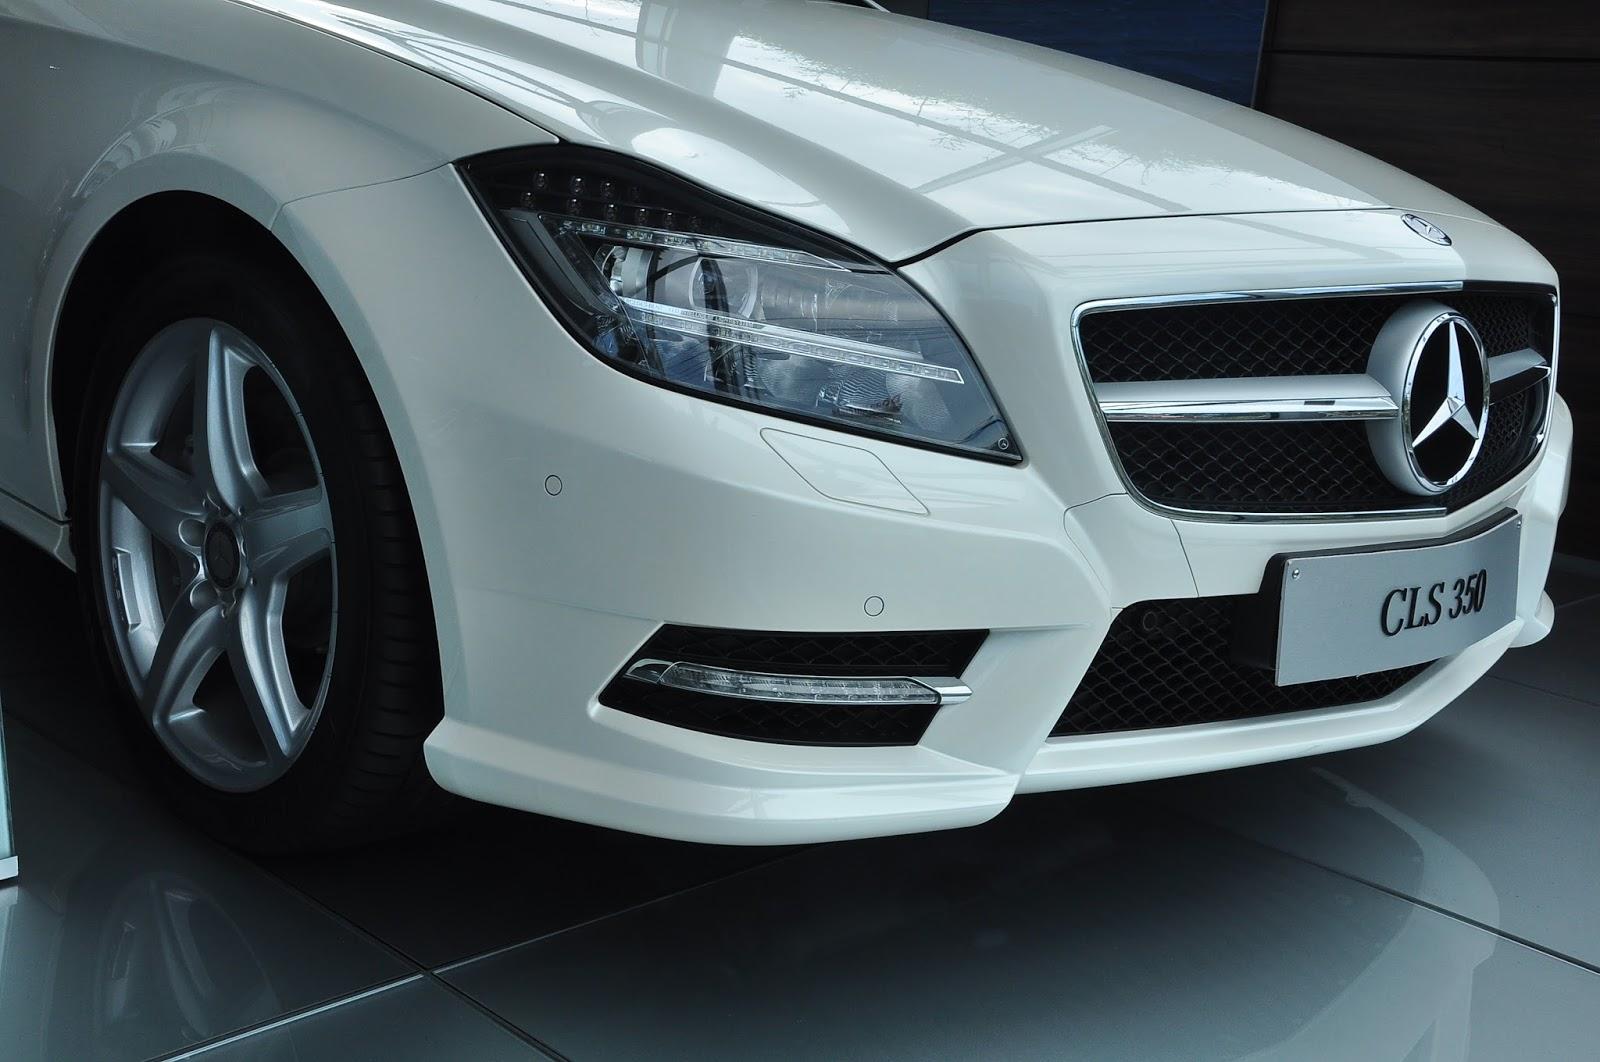 Xe Mercedes Benz CLS350 New Model màu trắng 03